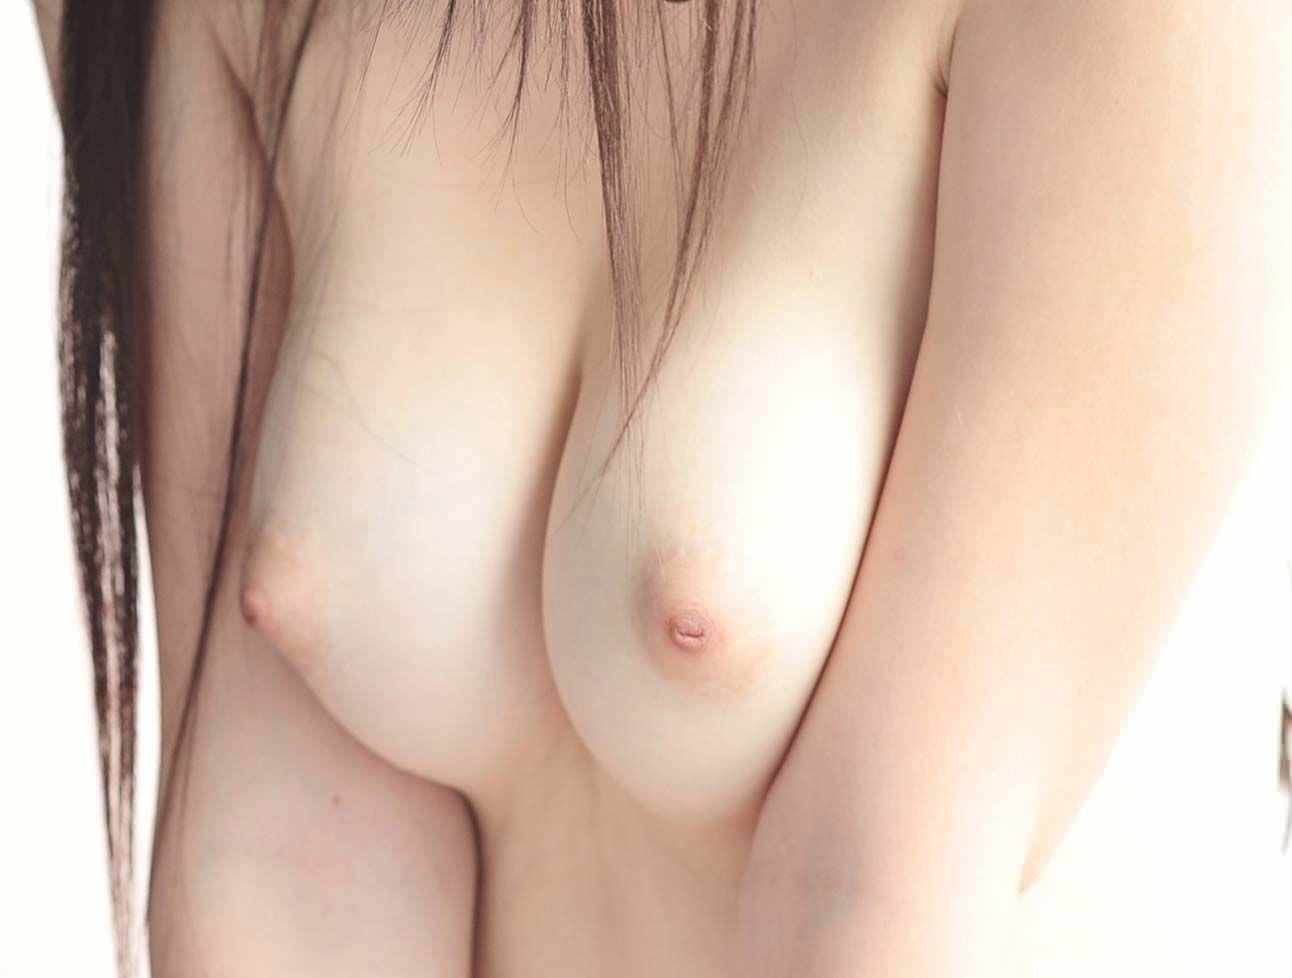 色素が薄い乳頭の色が一番エロい (7)